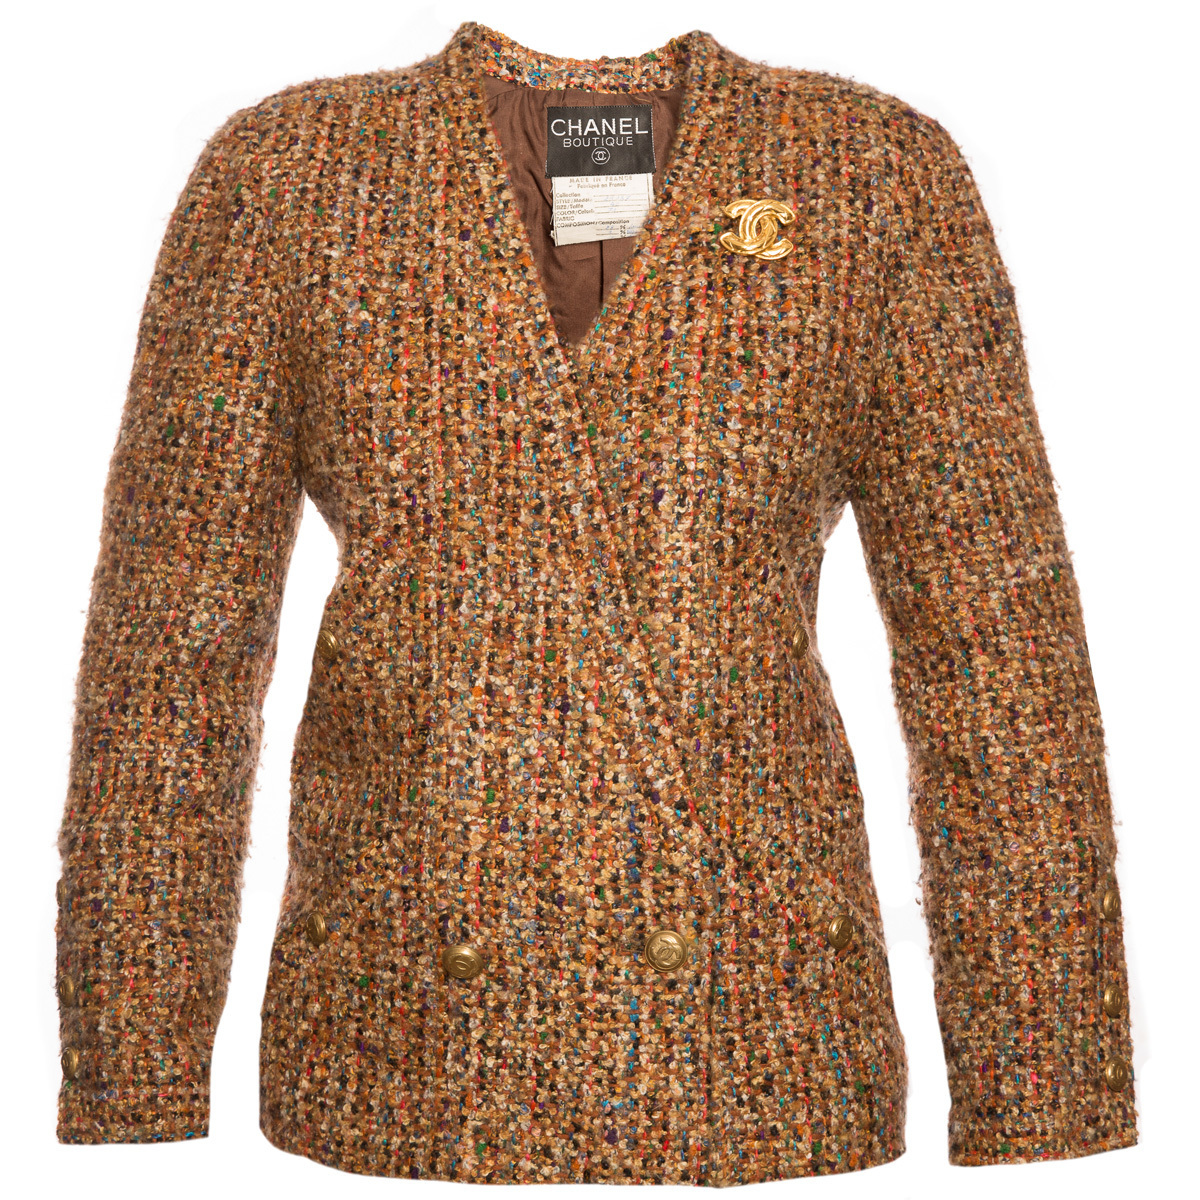 Стильный рыже-коричневый твидовый пиджак от Chanel, 40 размер